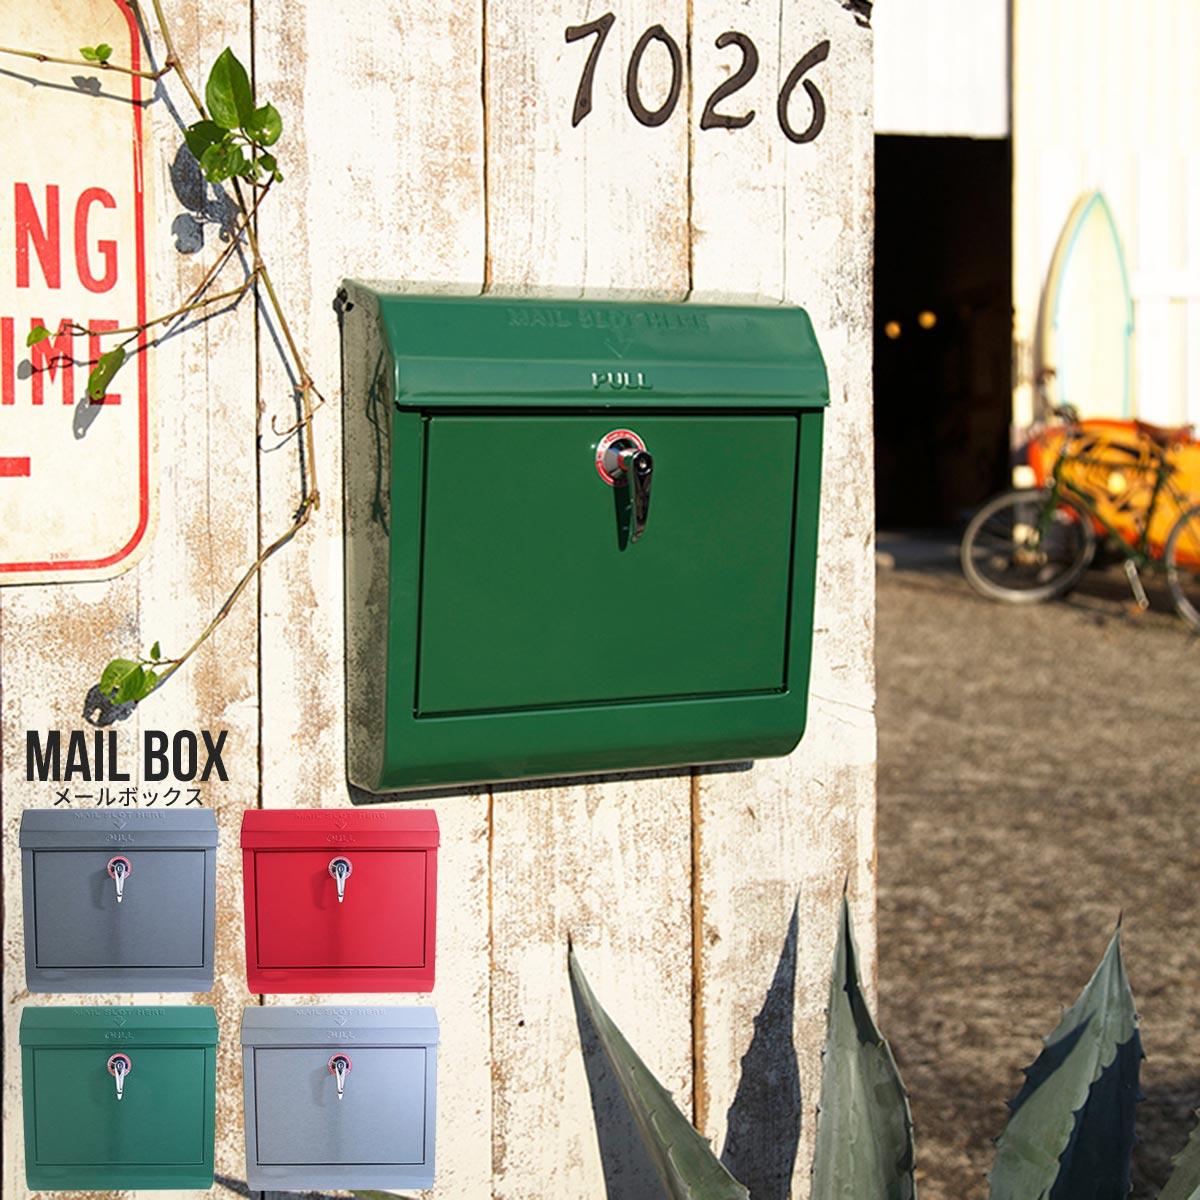 営業 郵便ポスト 郵便受け 郵便 ポスト ドア 新居祝い おしゃれ 新聞受け アメリカン スチール あす楽 新生活 レトロ アートワークスタジオ TK-2076 ユーエス 情熱セール Mail ロゴなし メールボックス box